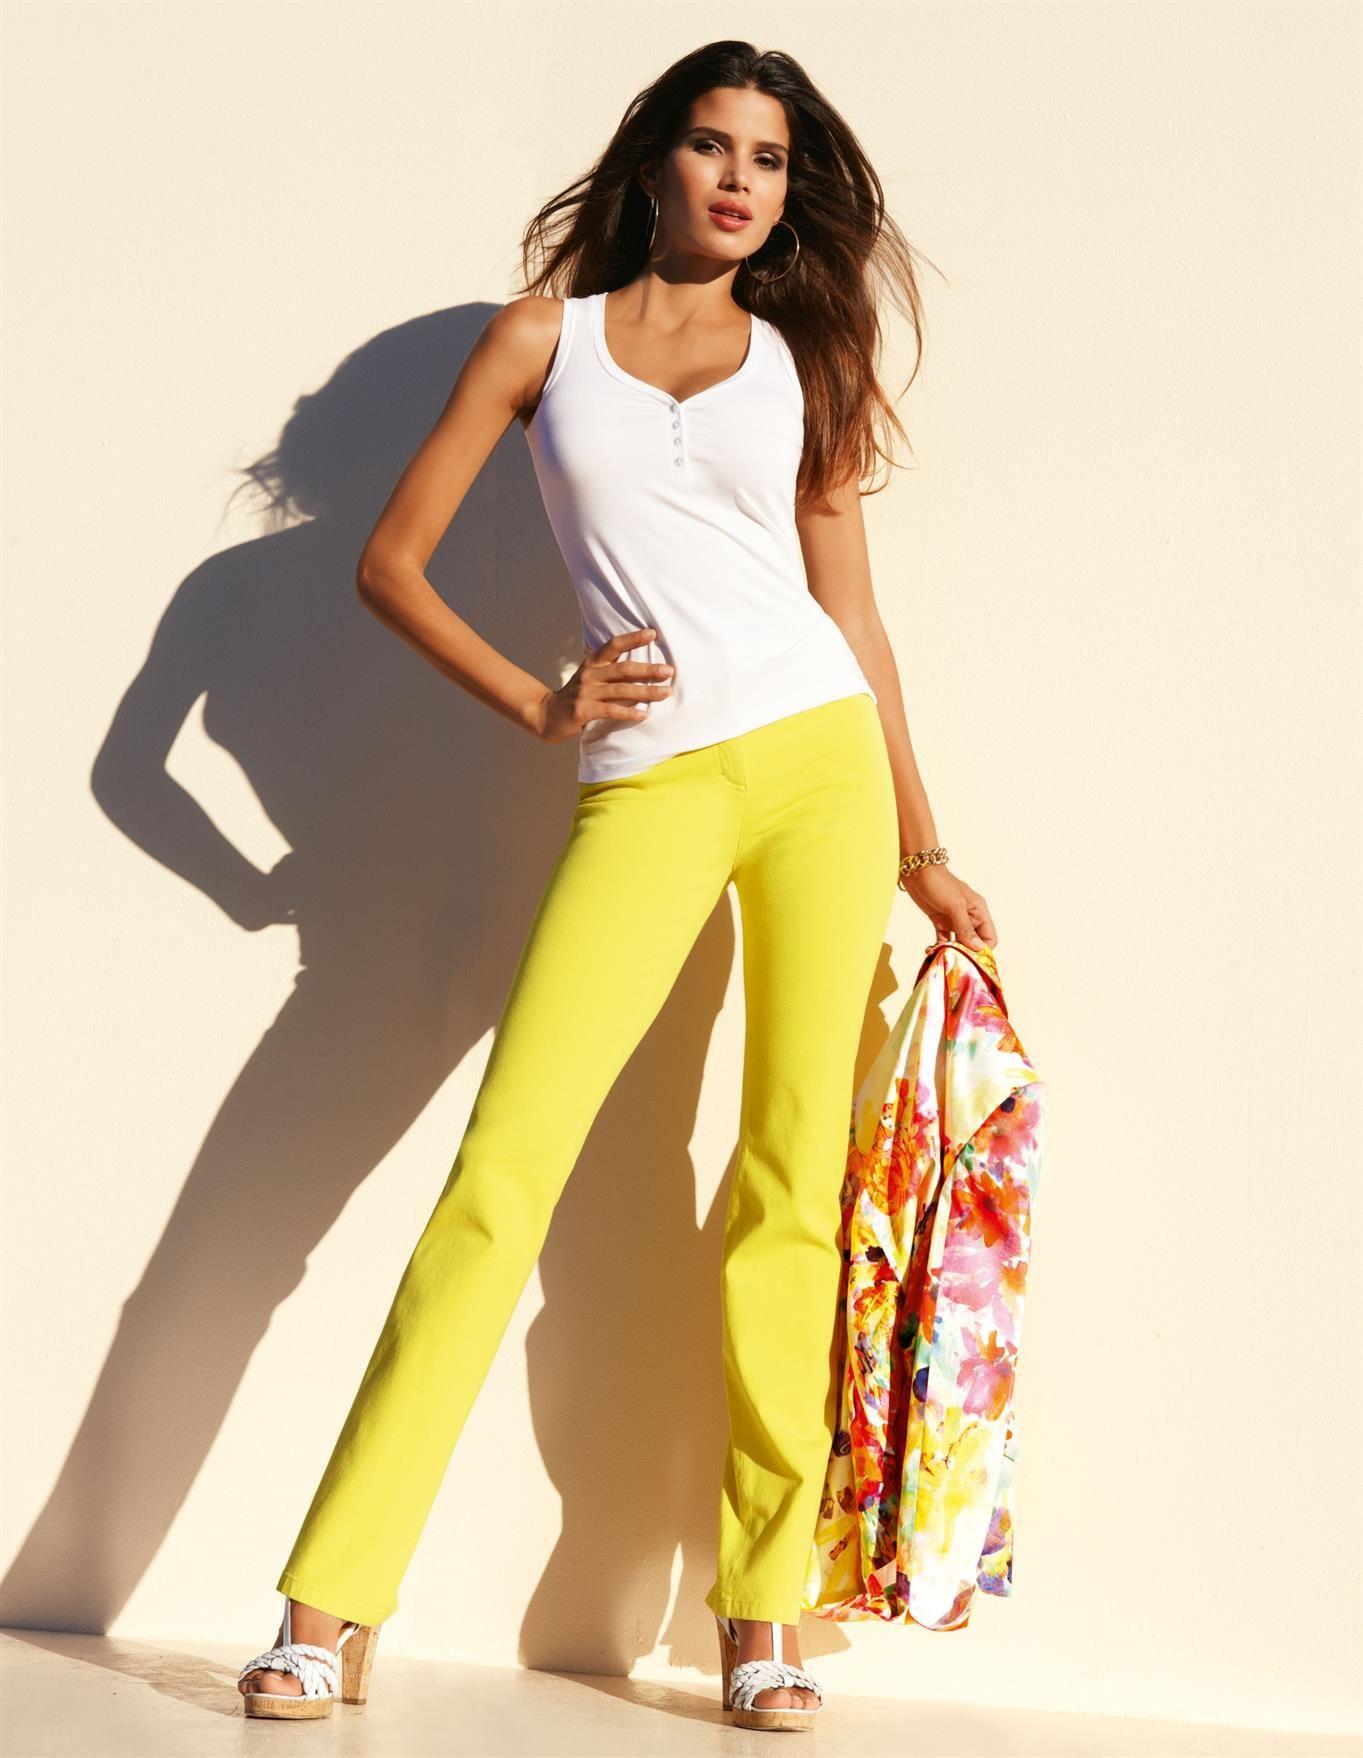 Sommerjeans in Sonnenfarben: die M-Jeans mit knackigem Sitz und perfekter Passform.